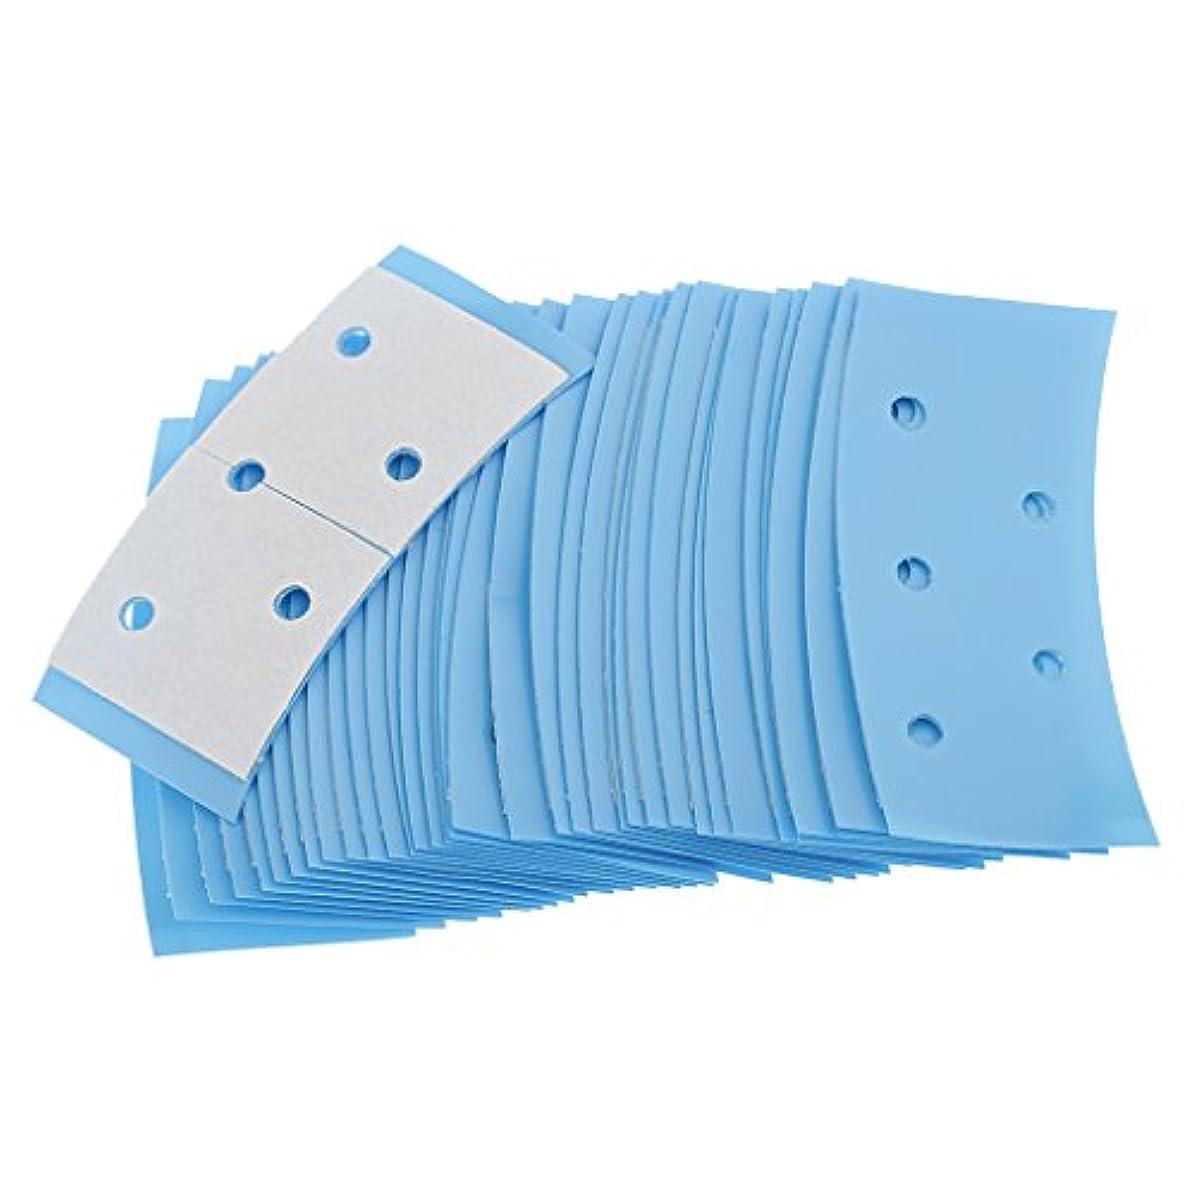 規制する予言する男性DYNWAVE 両面接着テープ ヘアシステムテープ ダブルサイド かつら用 超強力持ち 約36枚